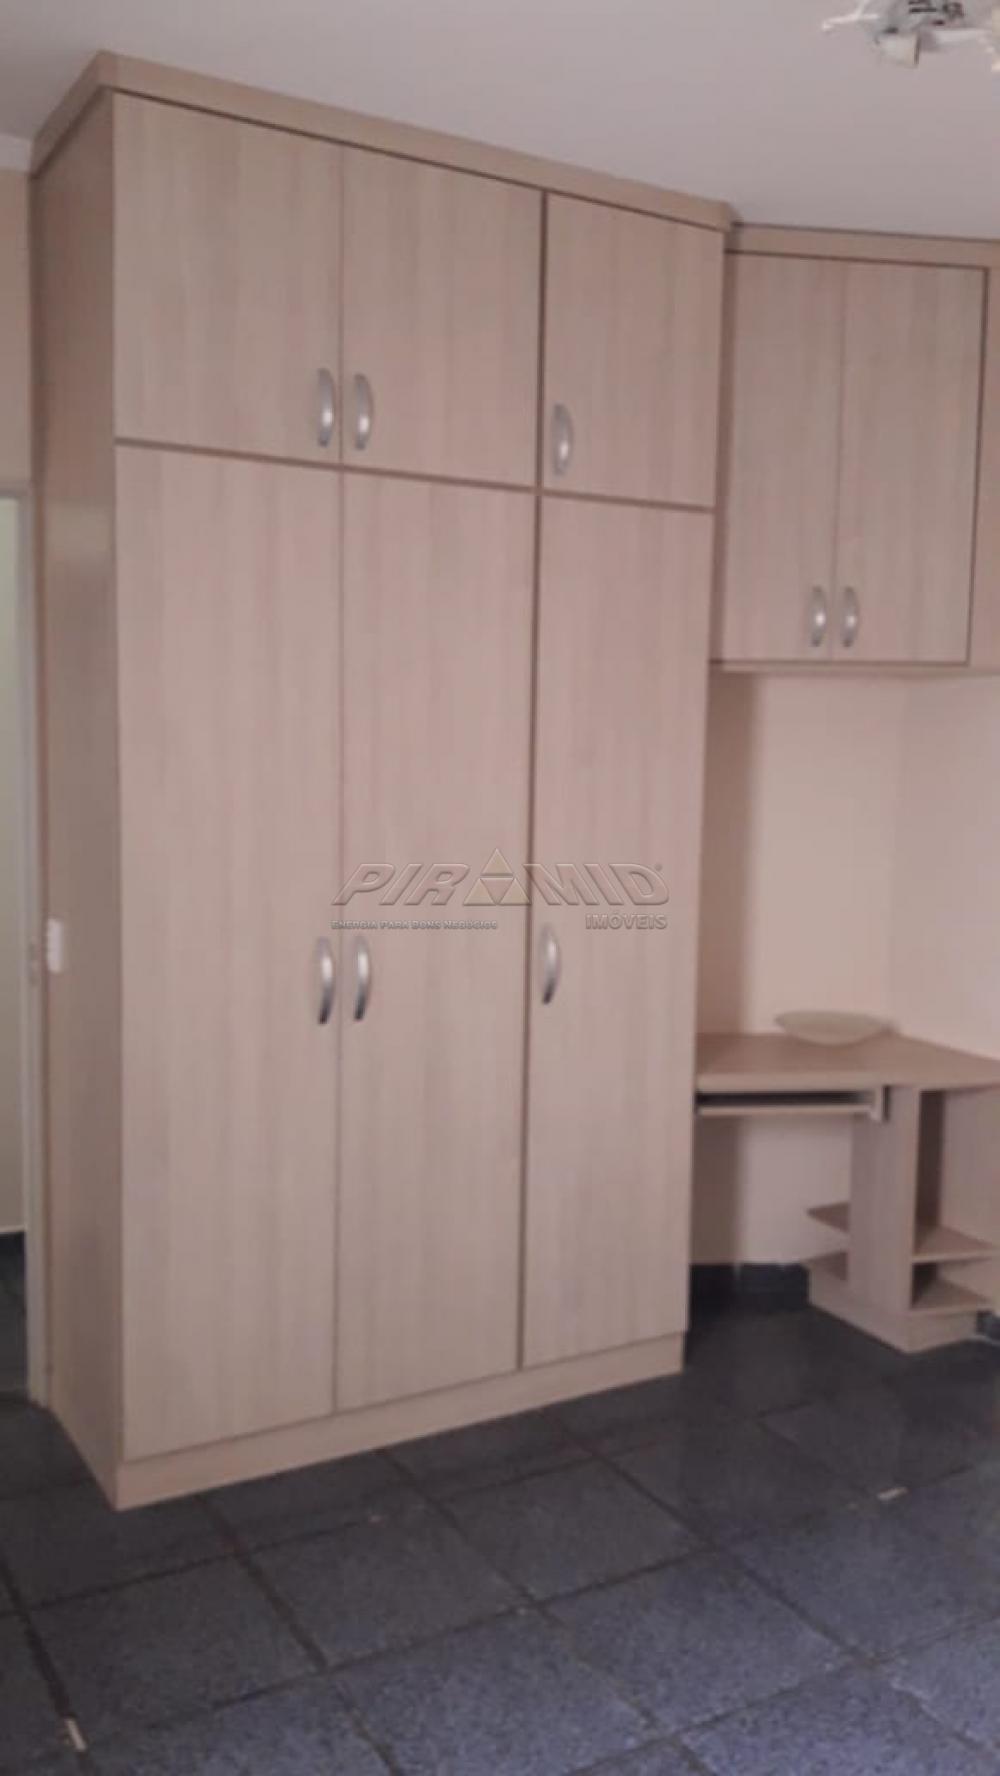 Alugar Casa / Padrão em Ribeirão Preto apenas R$ 1.500,00 - Foto 8